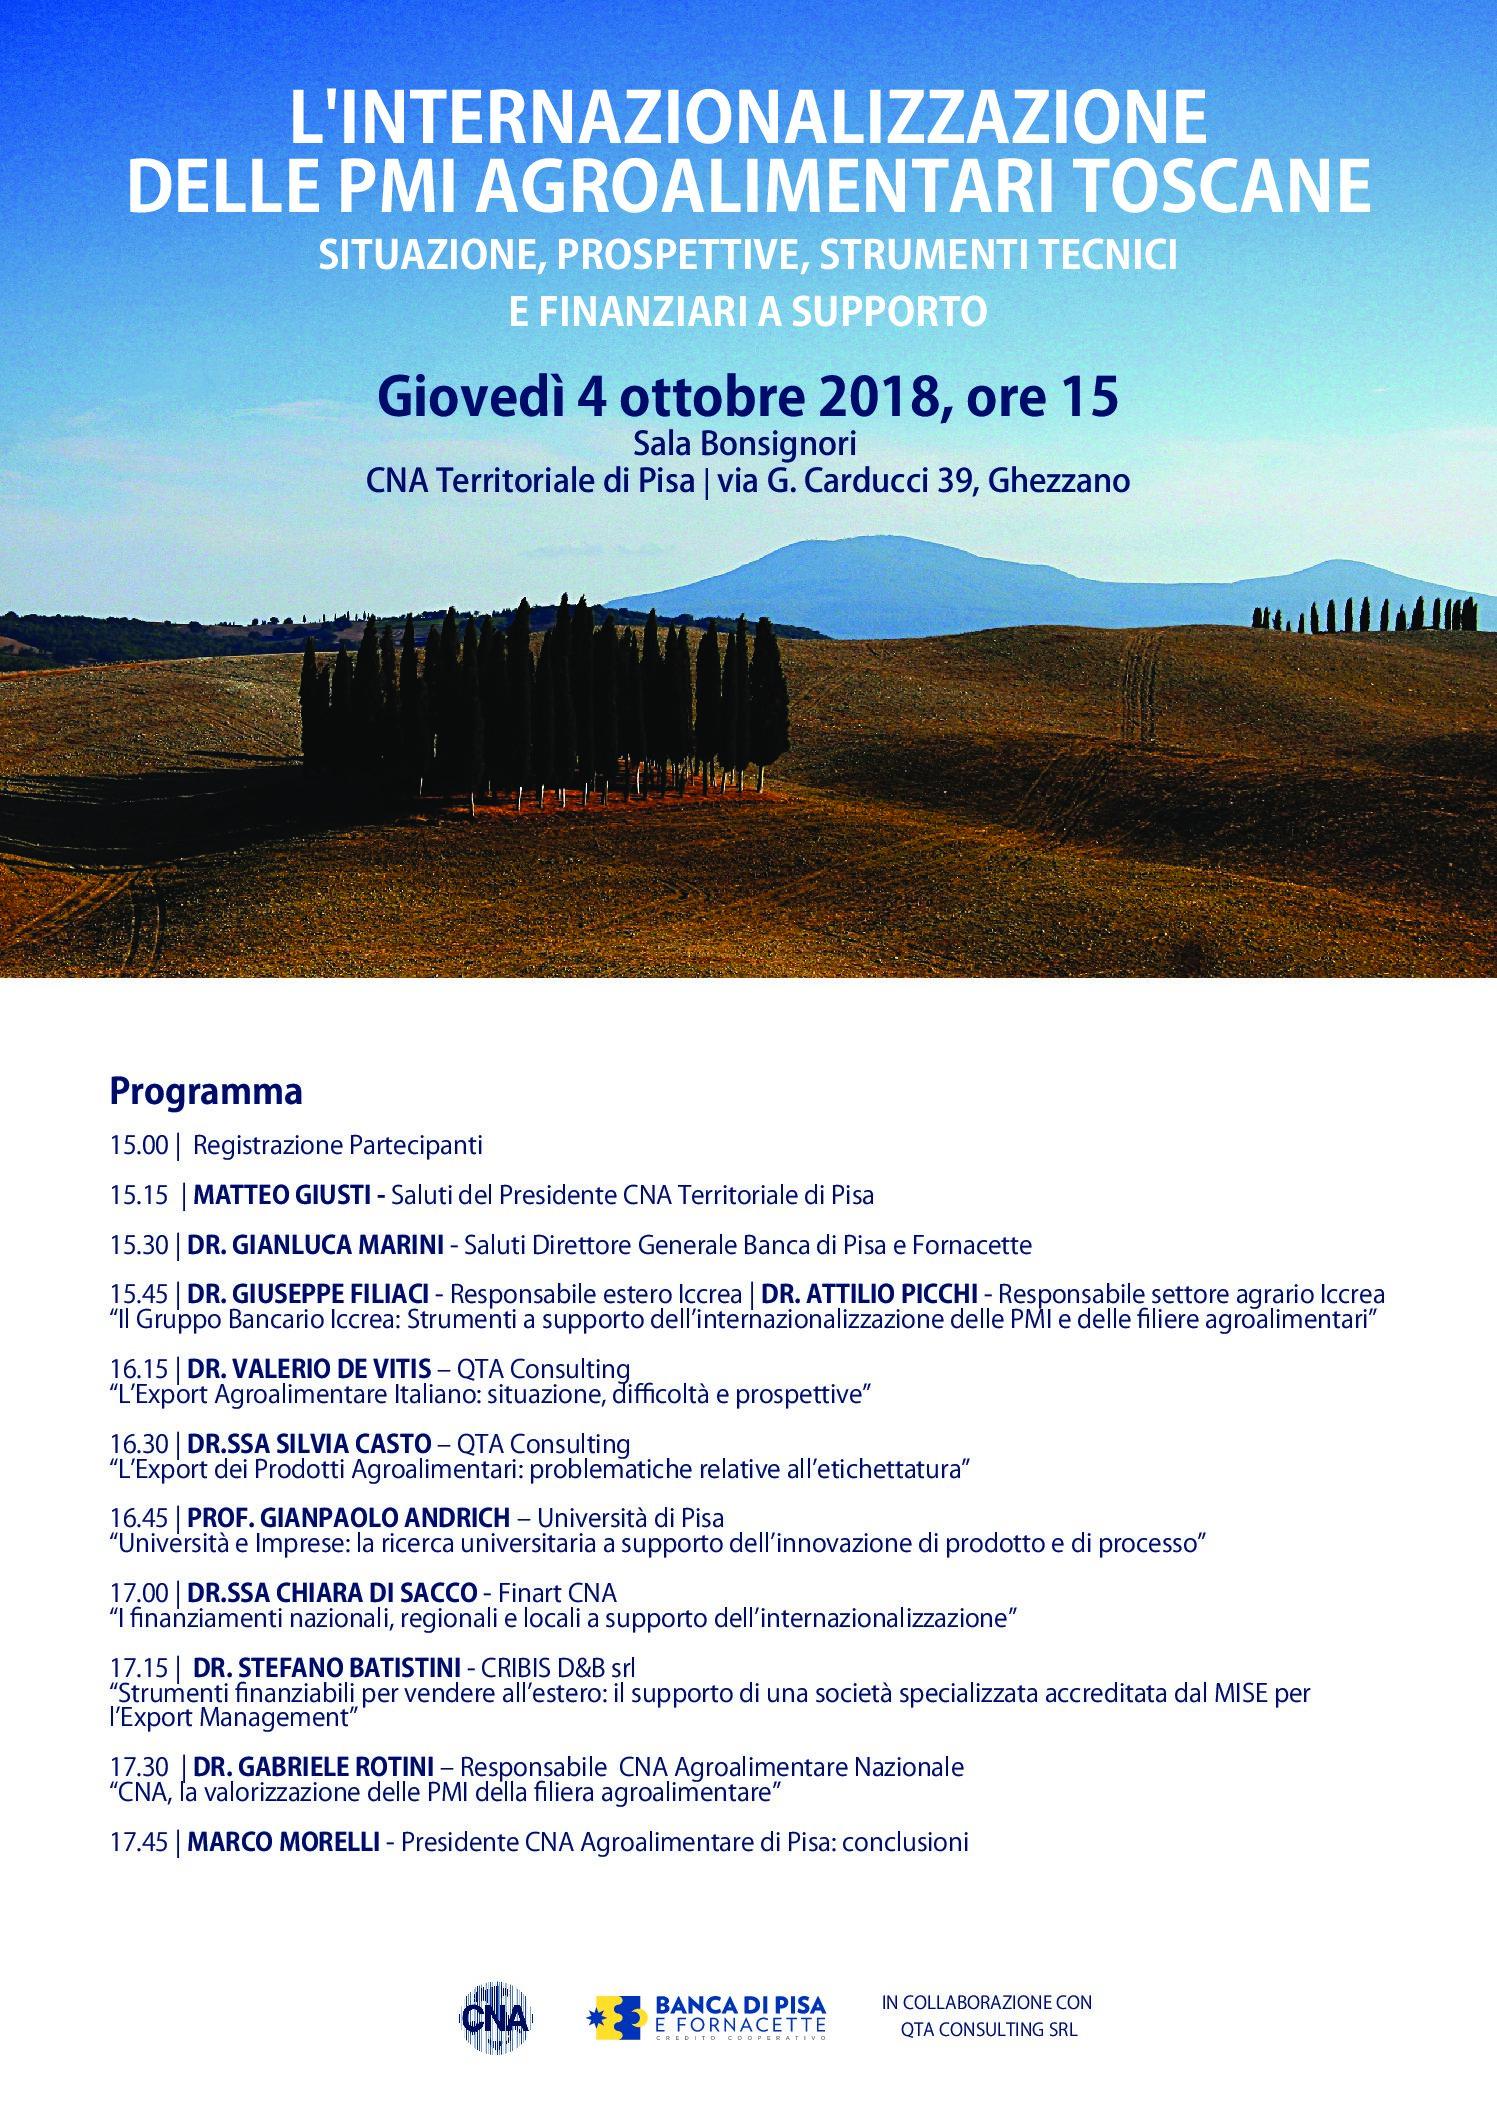 Convengno 4 ottobre: Internazionalizzazione delle PMI Agroalimentari Toscane